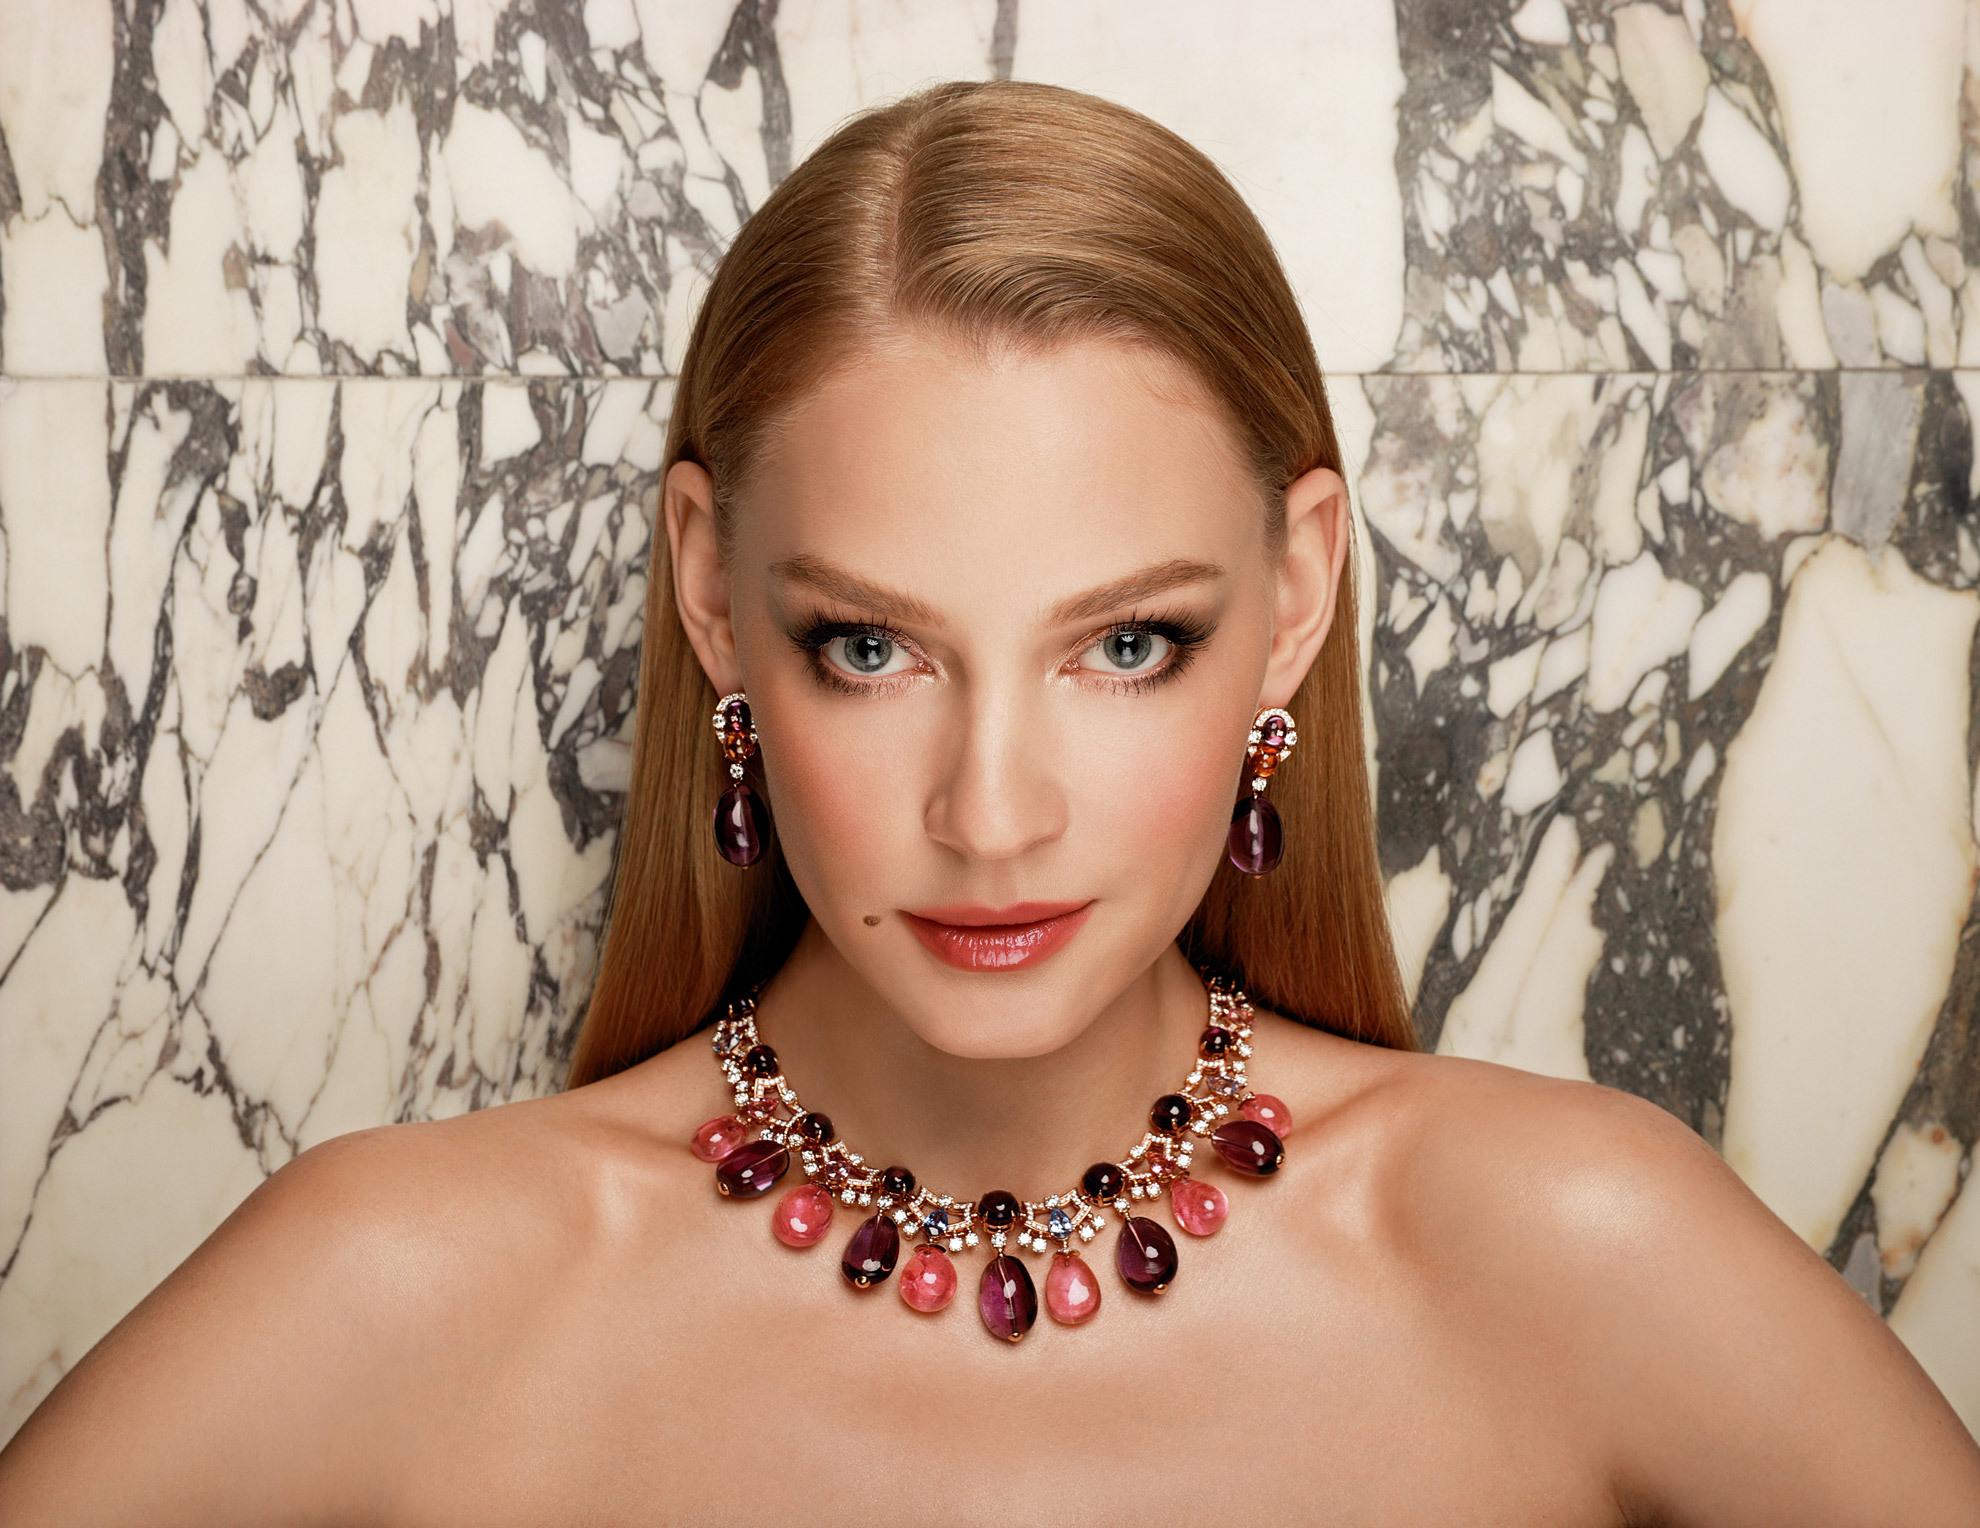 Светлана Ходченкова в оригинальном наряде блистала на вечеринке модного бренда